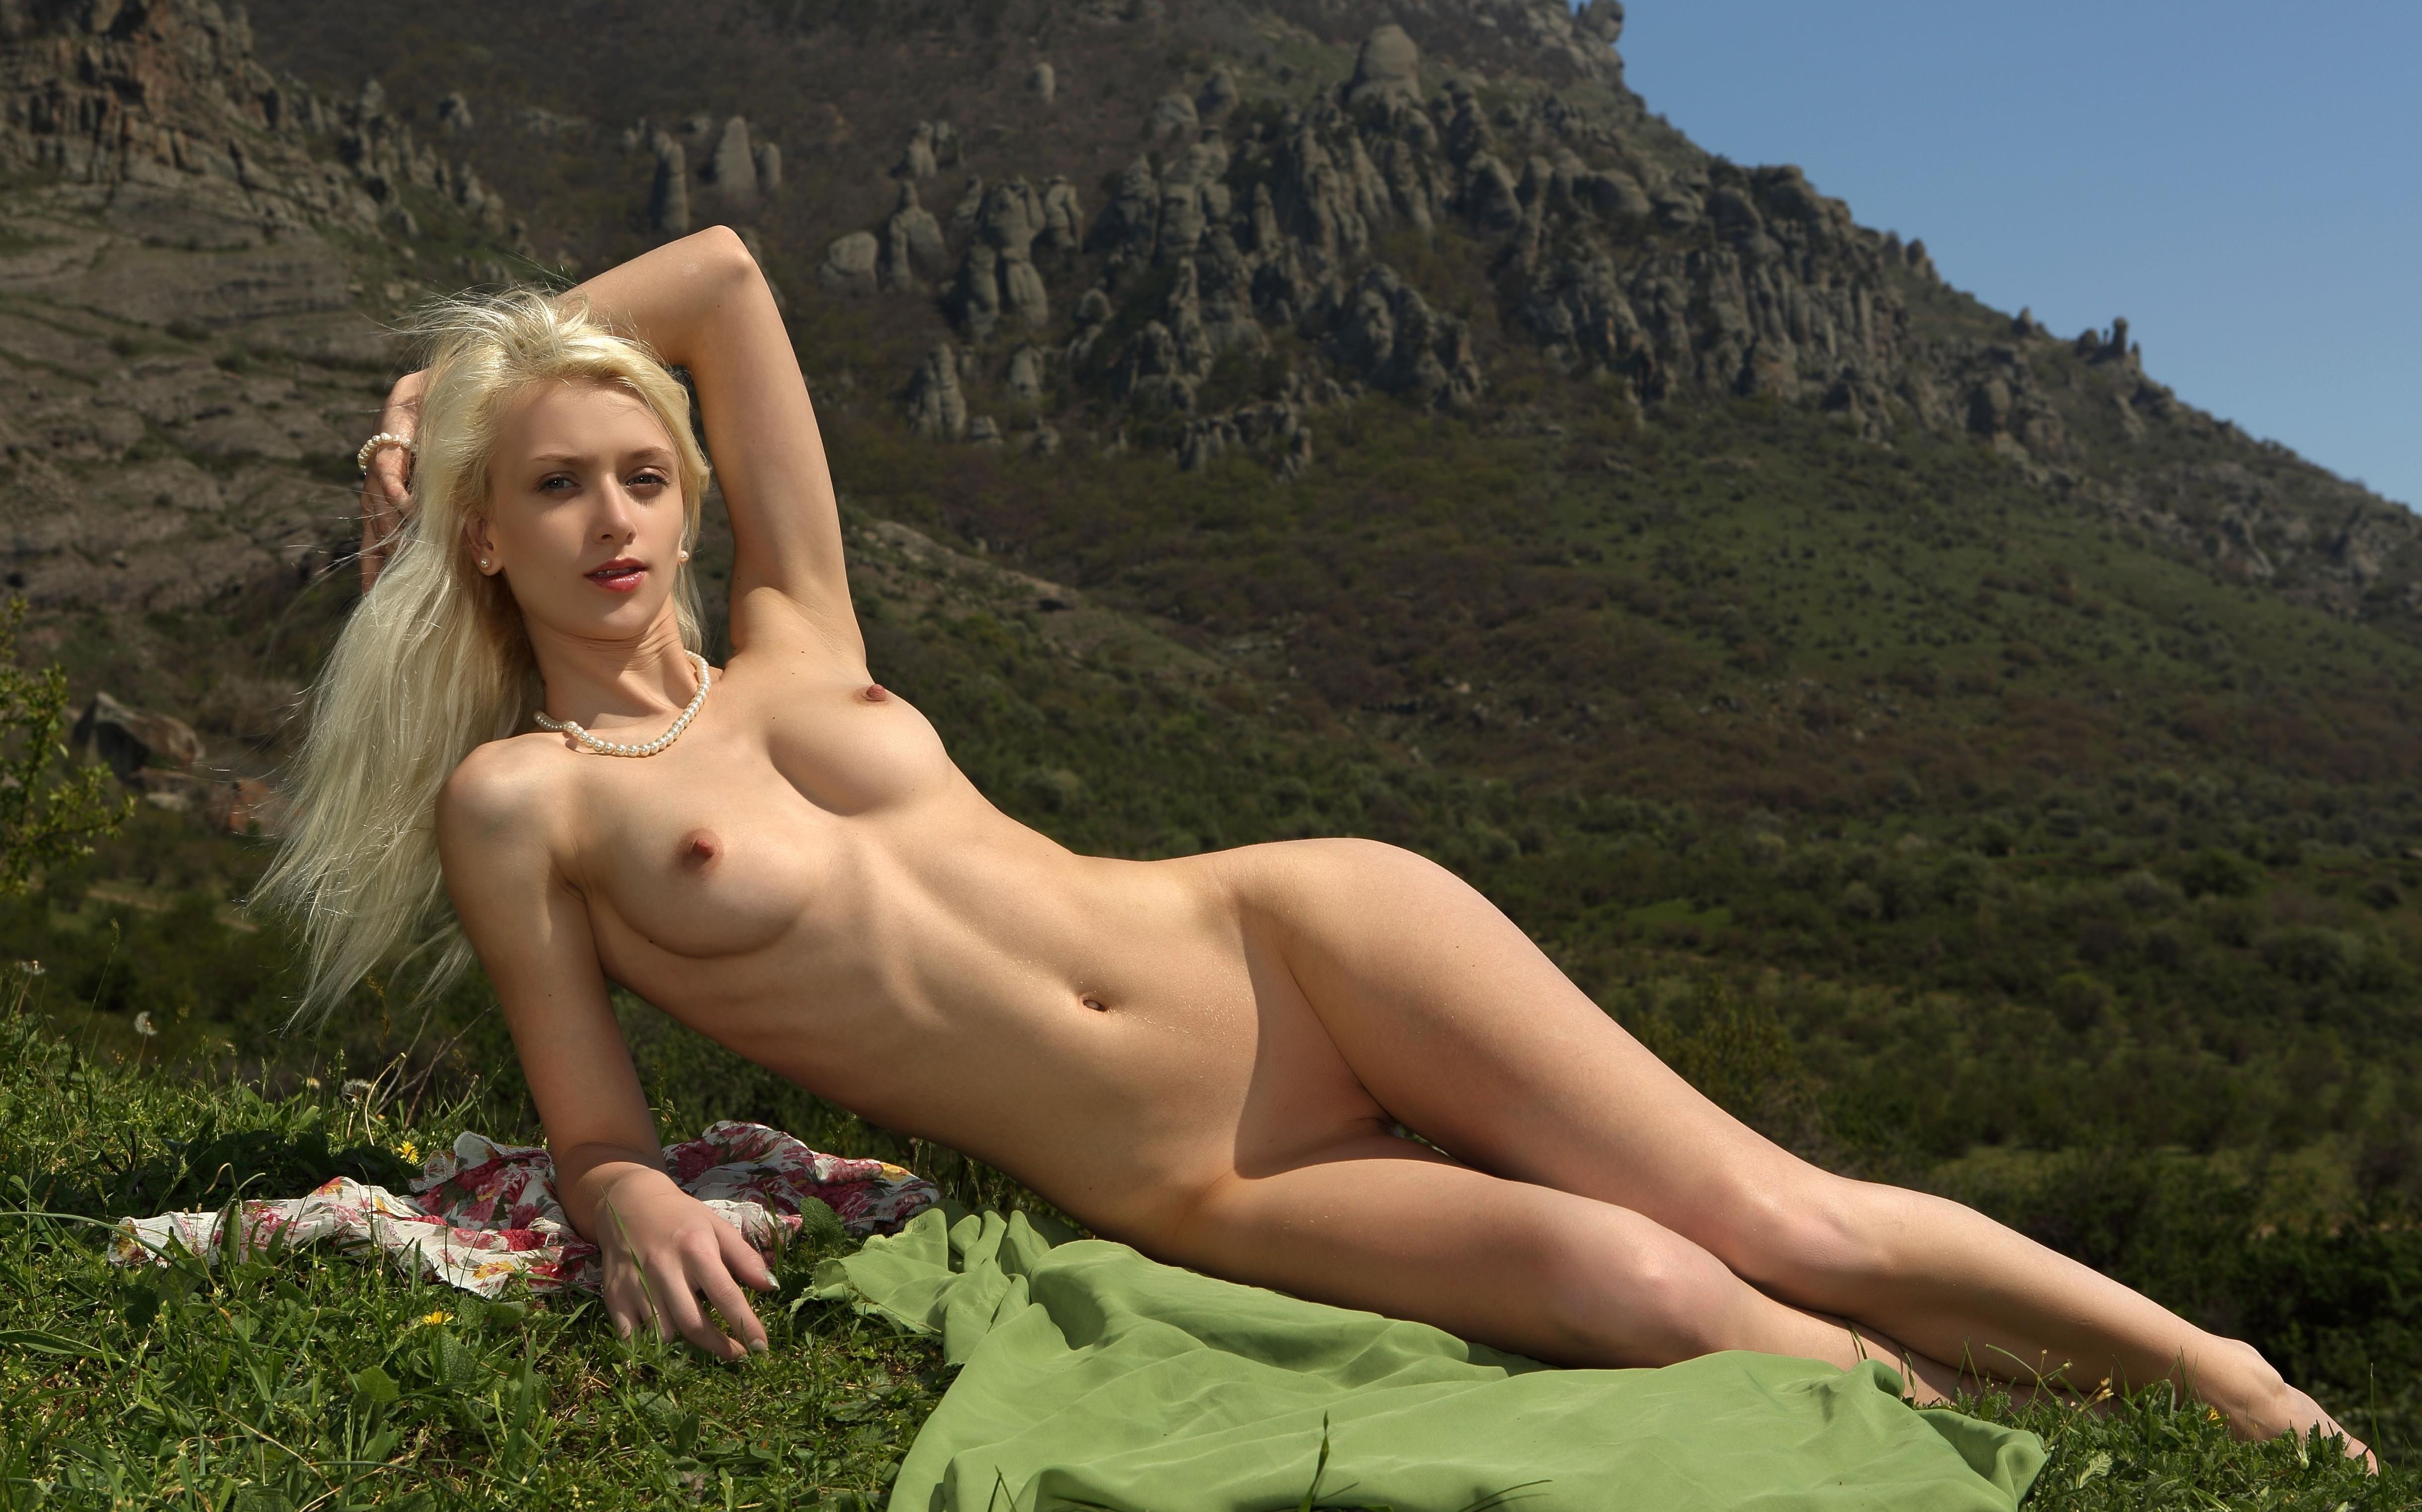 Фото Обнаженная блондинка в горах, сексуальное тело, шикарная фигура, трава, скачать картинку бесплатно